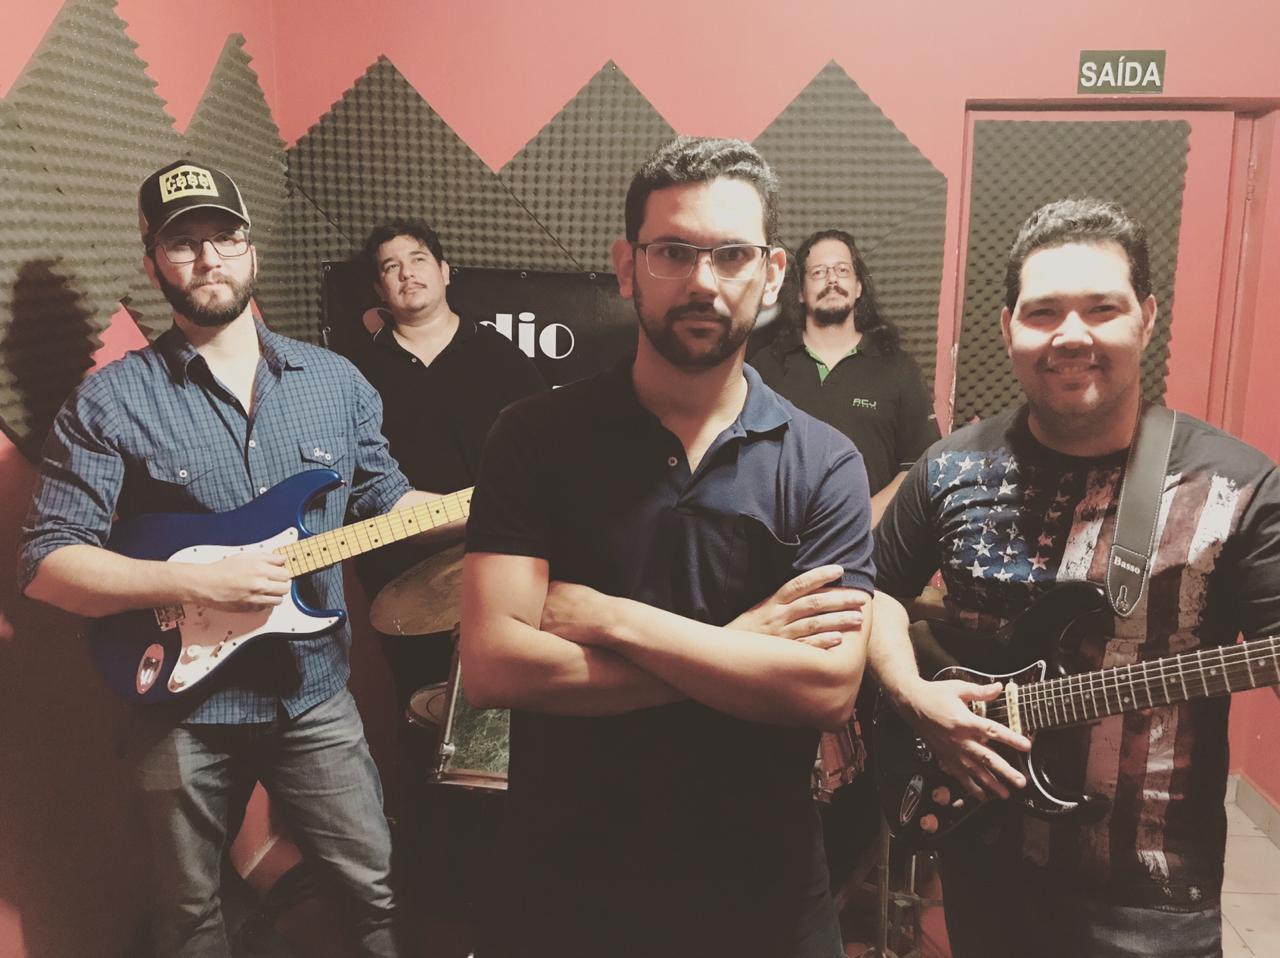 Banda The Miopes